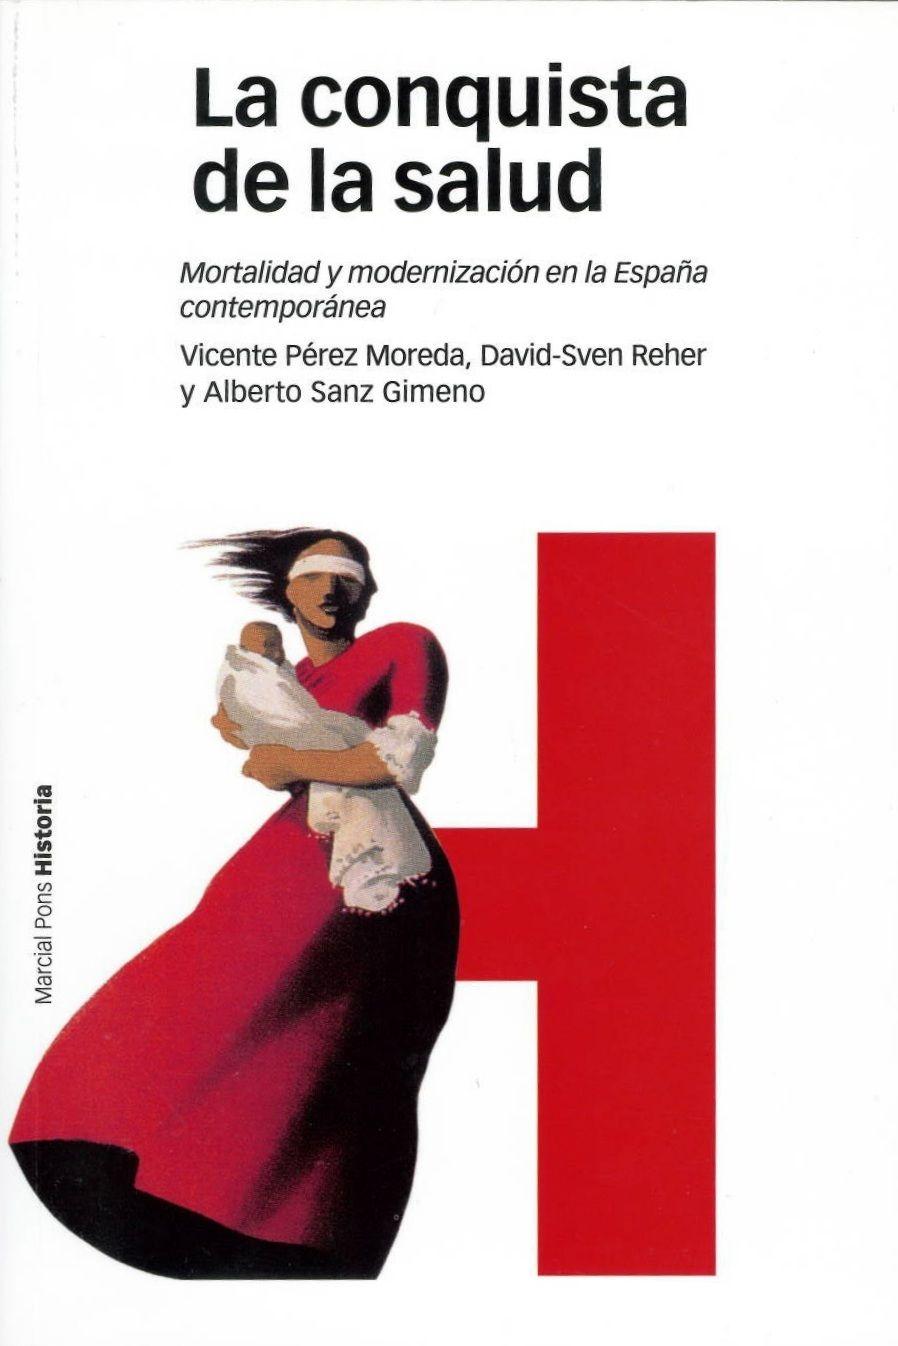 La conquista de la salud : mortalidad y modernización en la España contemporánea, 2015  http://absysnetweb.bbtk.ull.es/cgi-bin/abnetopac01?TITN=528867